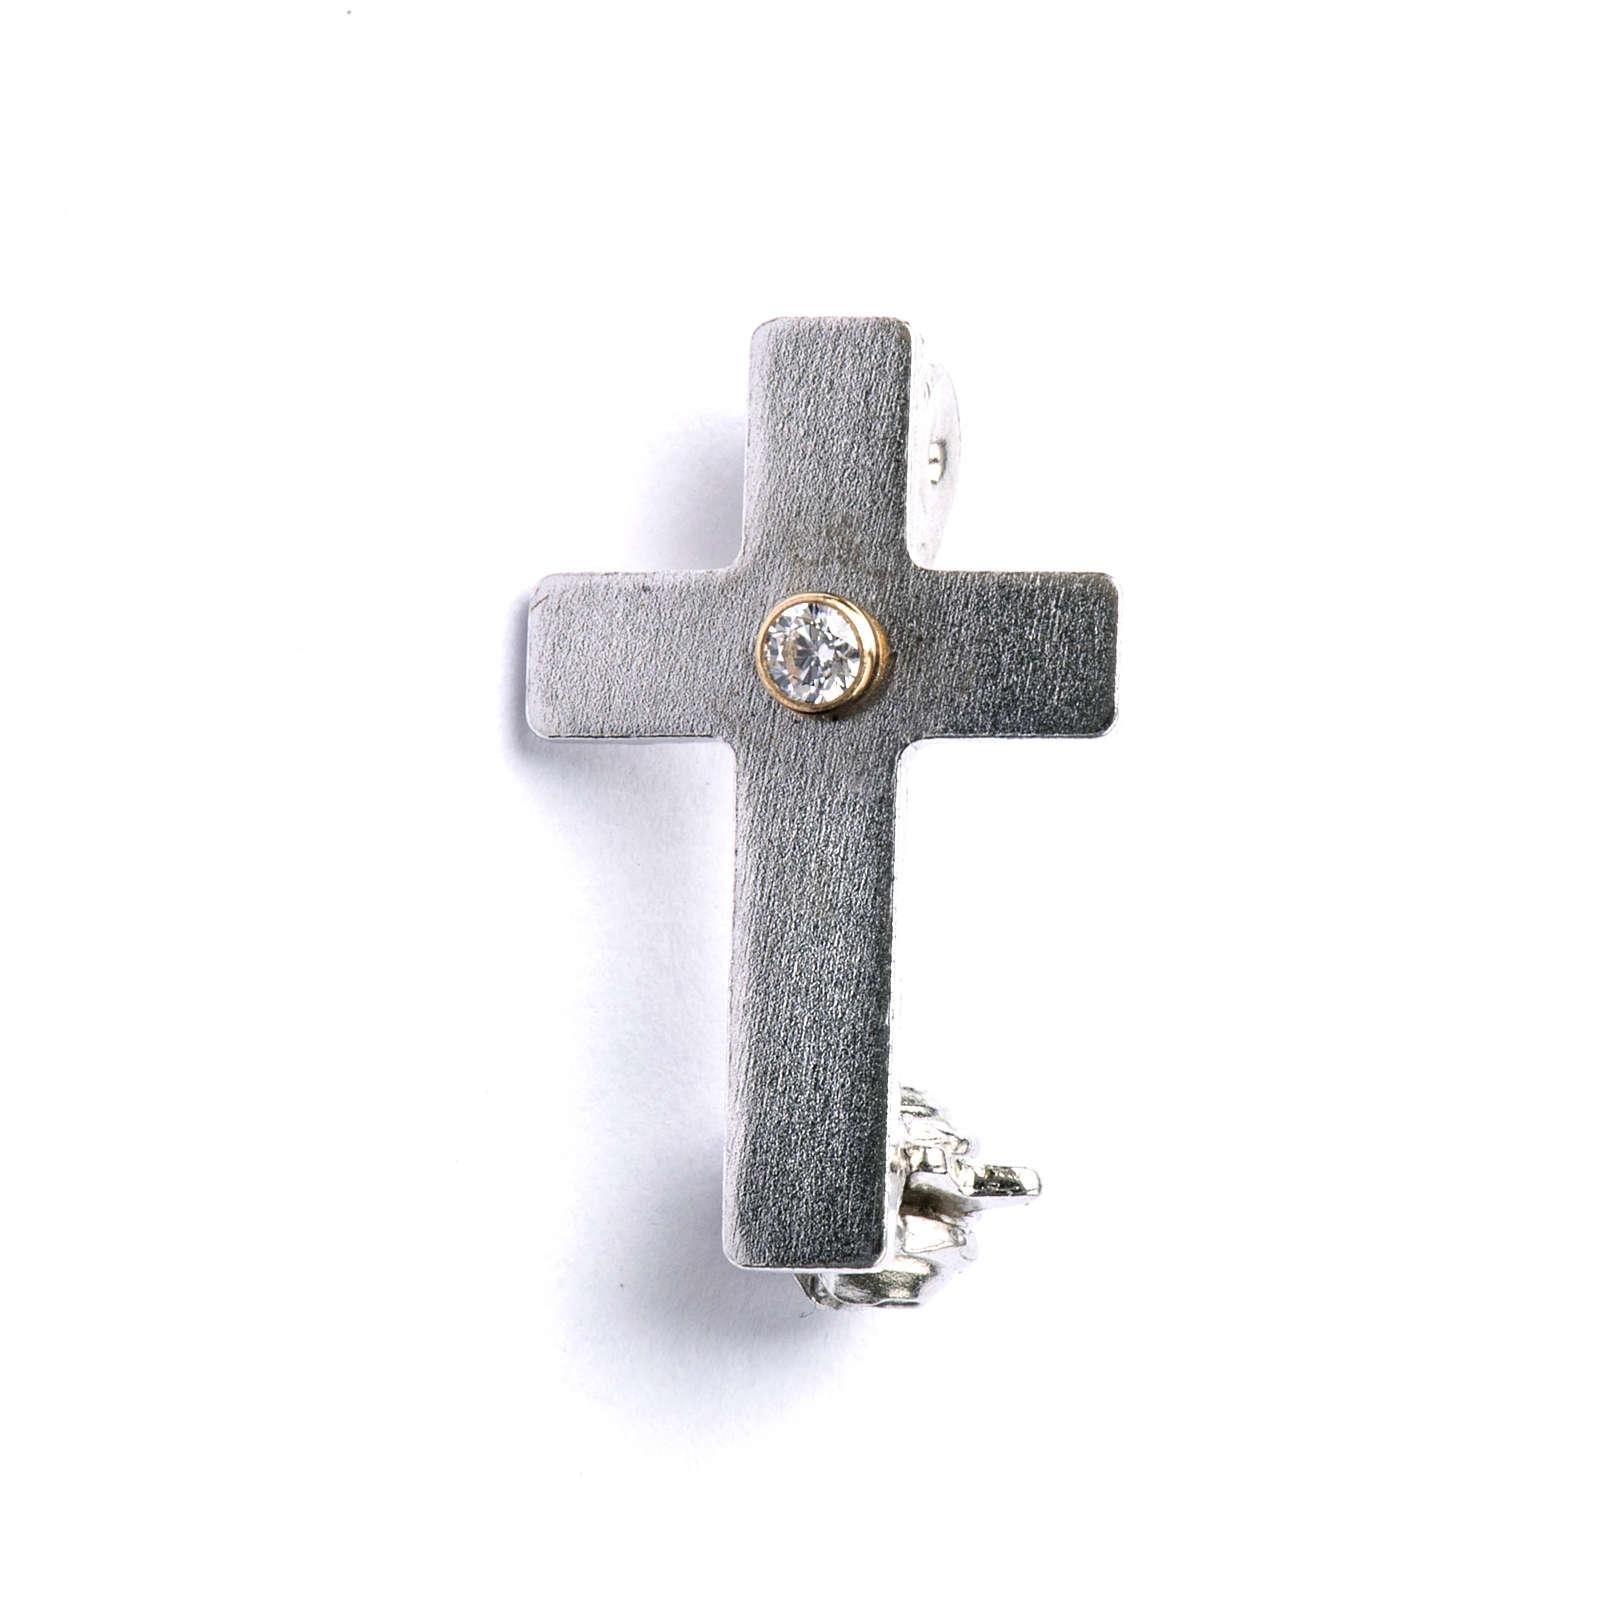 Broche Clergyman clásica zircón plata de ley 4